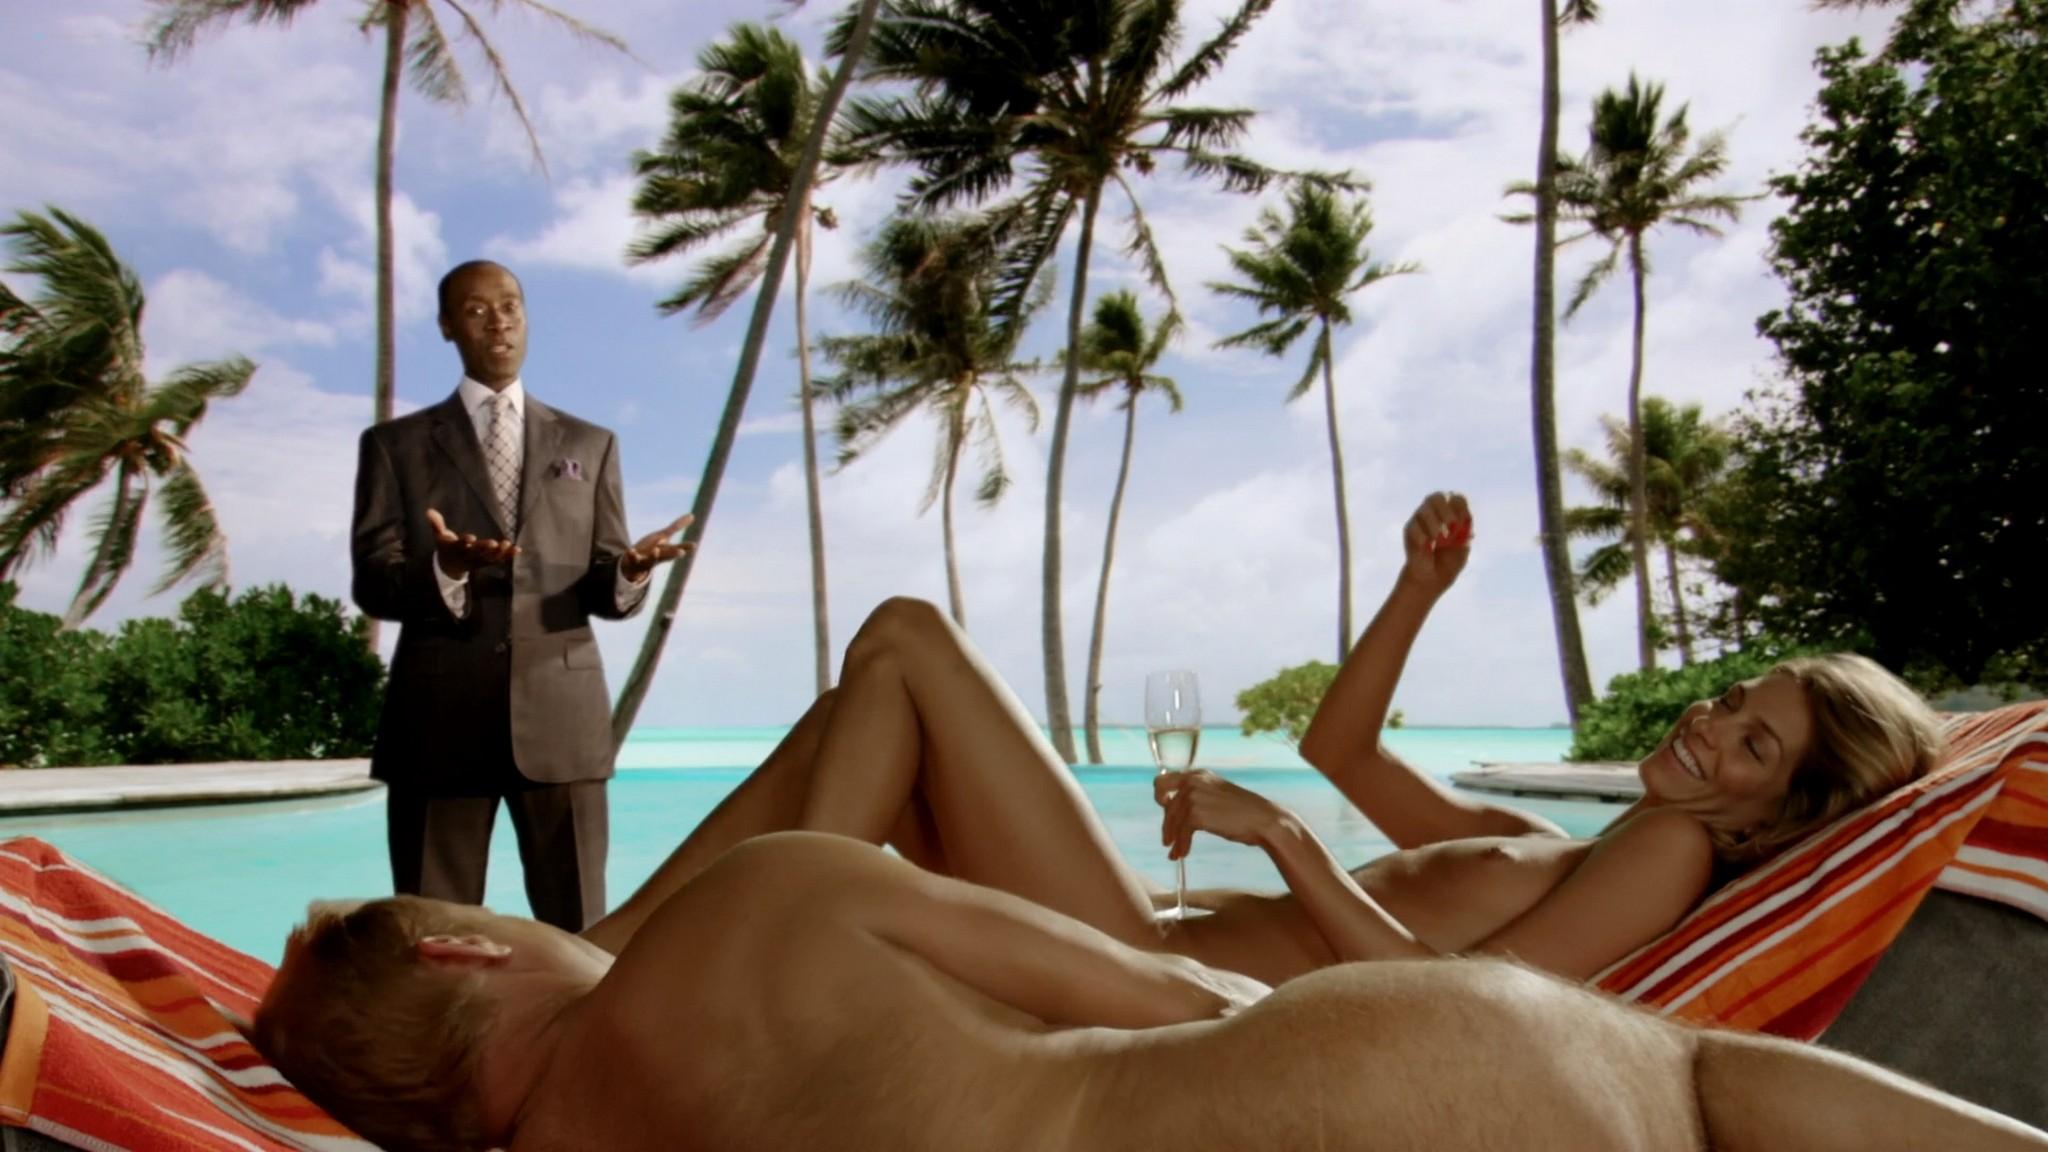 Kristen Bell hot sex Amy Landecker nude boobs House of Lies 2012 s1e3 4 1080p Web 2